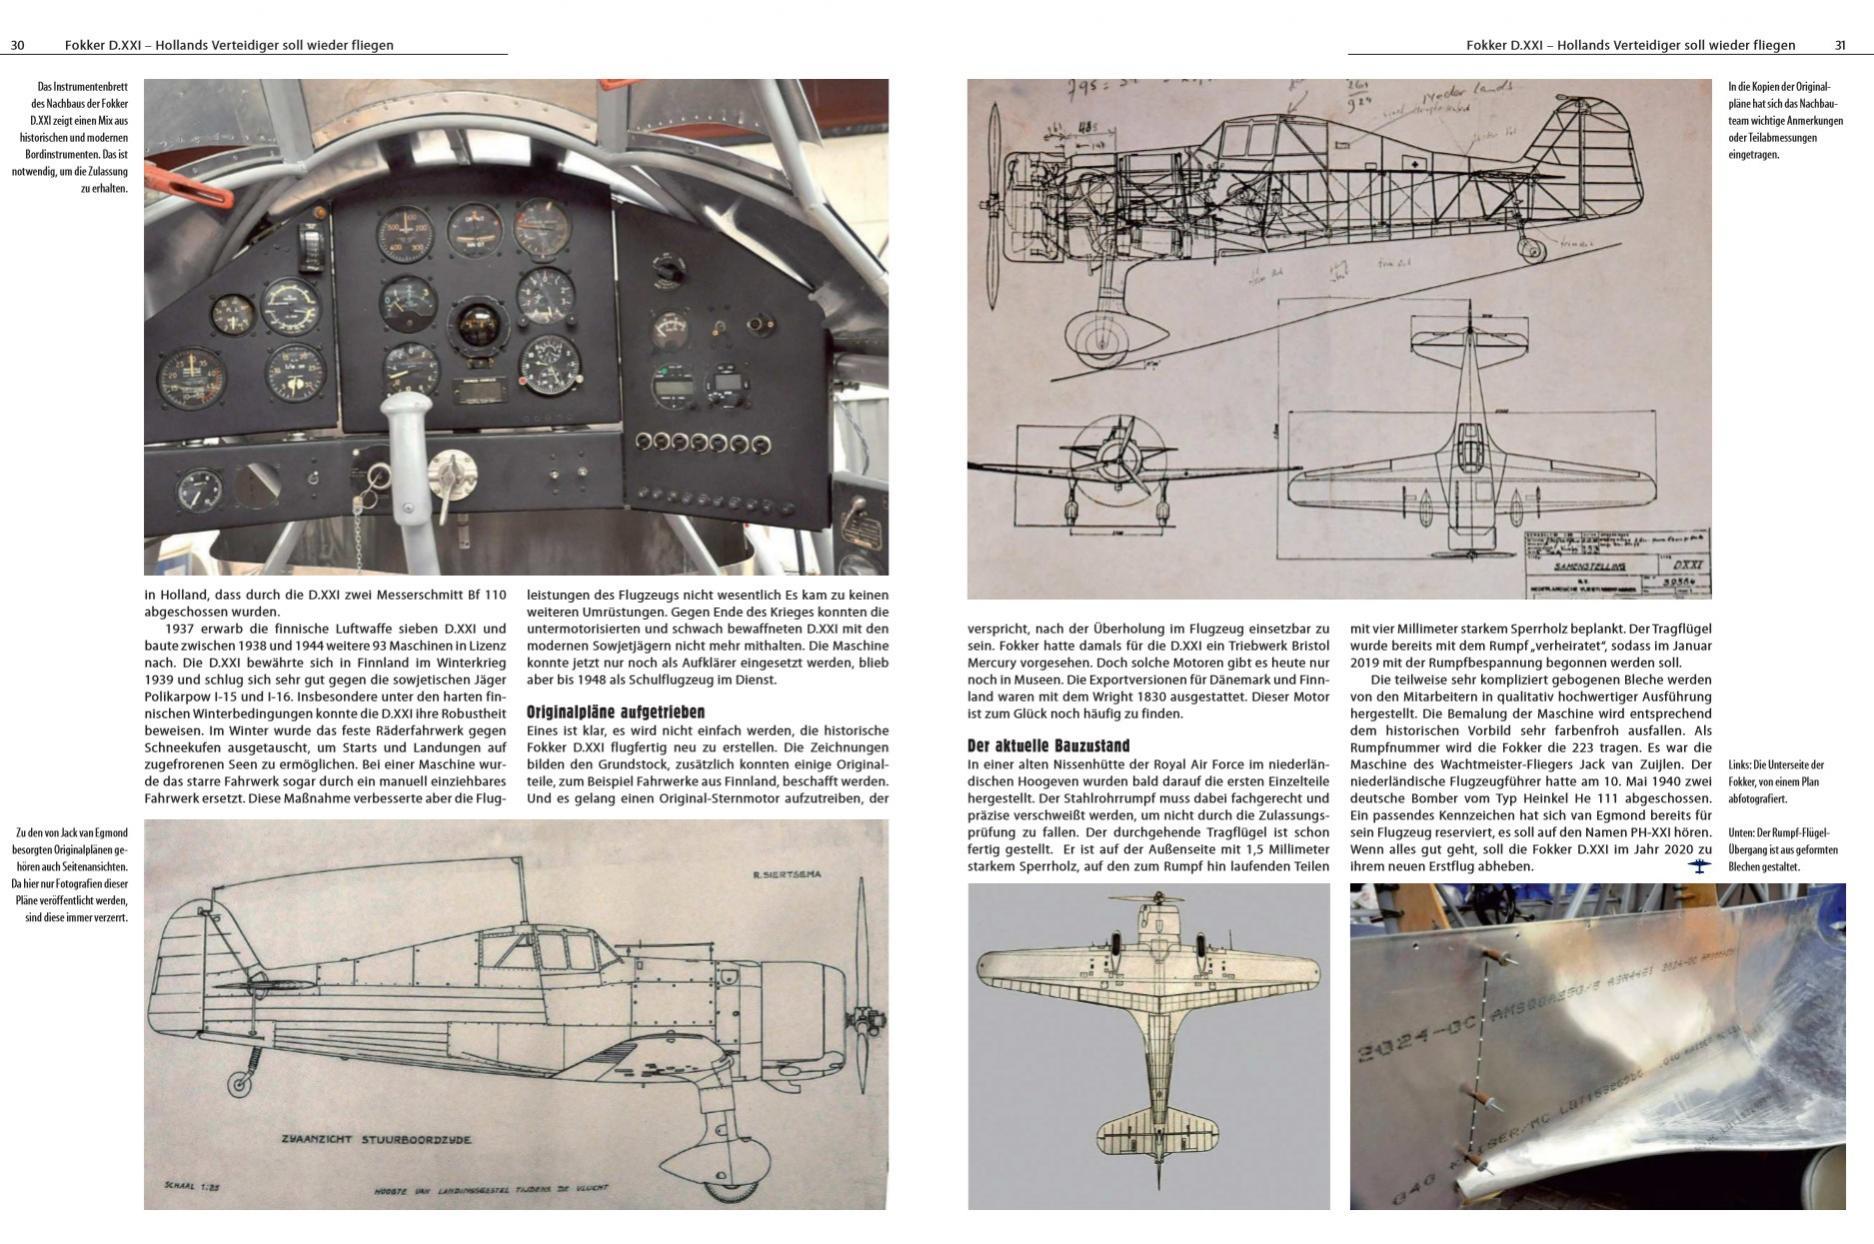 Naam: Fliegerrevue X 75 - Hollands verteidiger soll wieder fliegen 12.jpg Bekeken: 518 Grootte: 313,3 KB